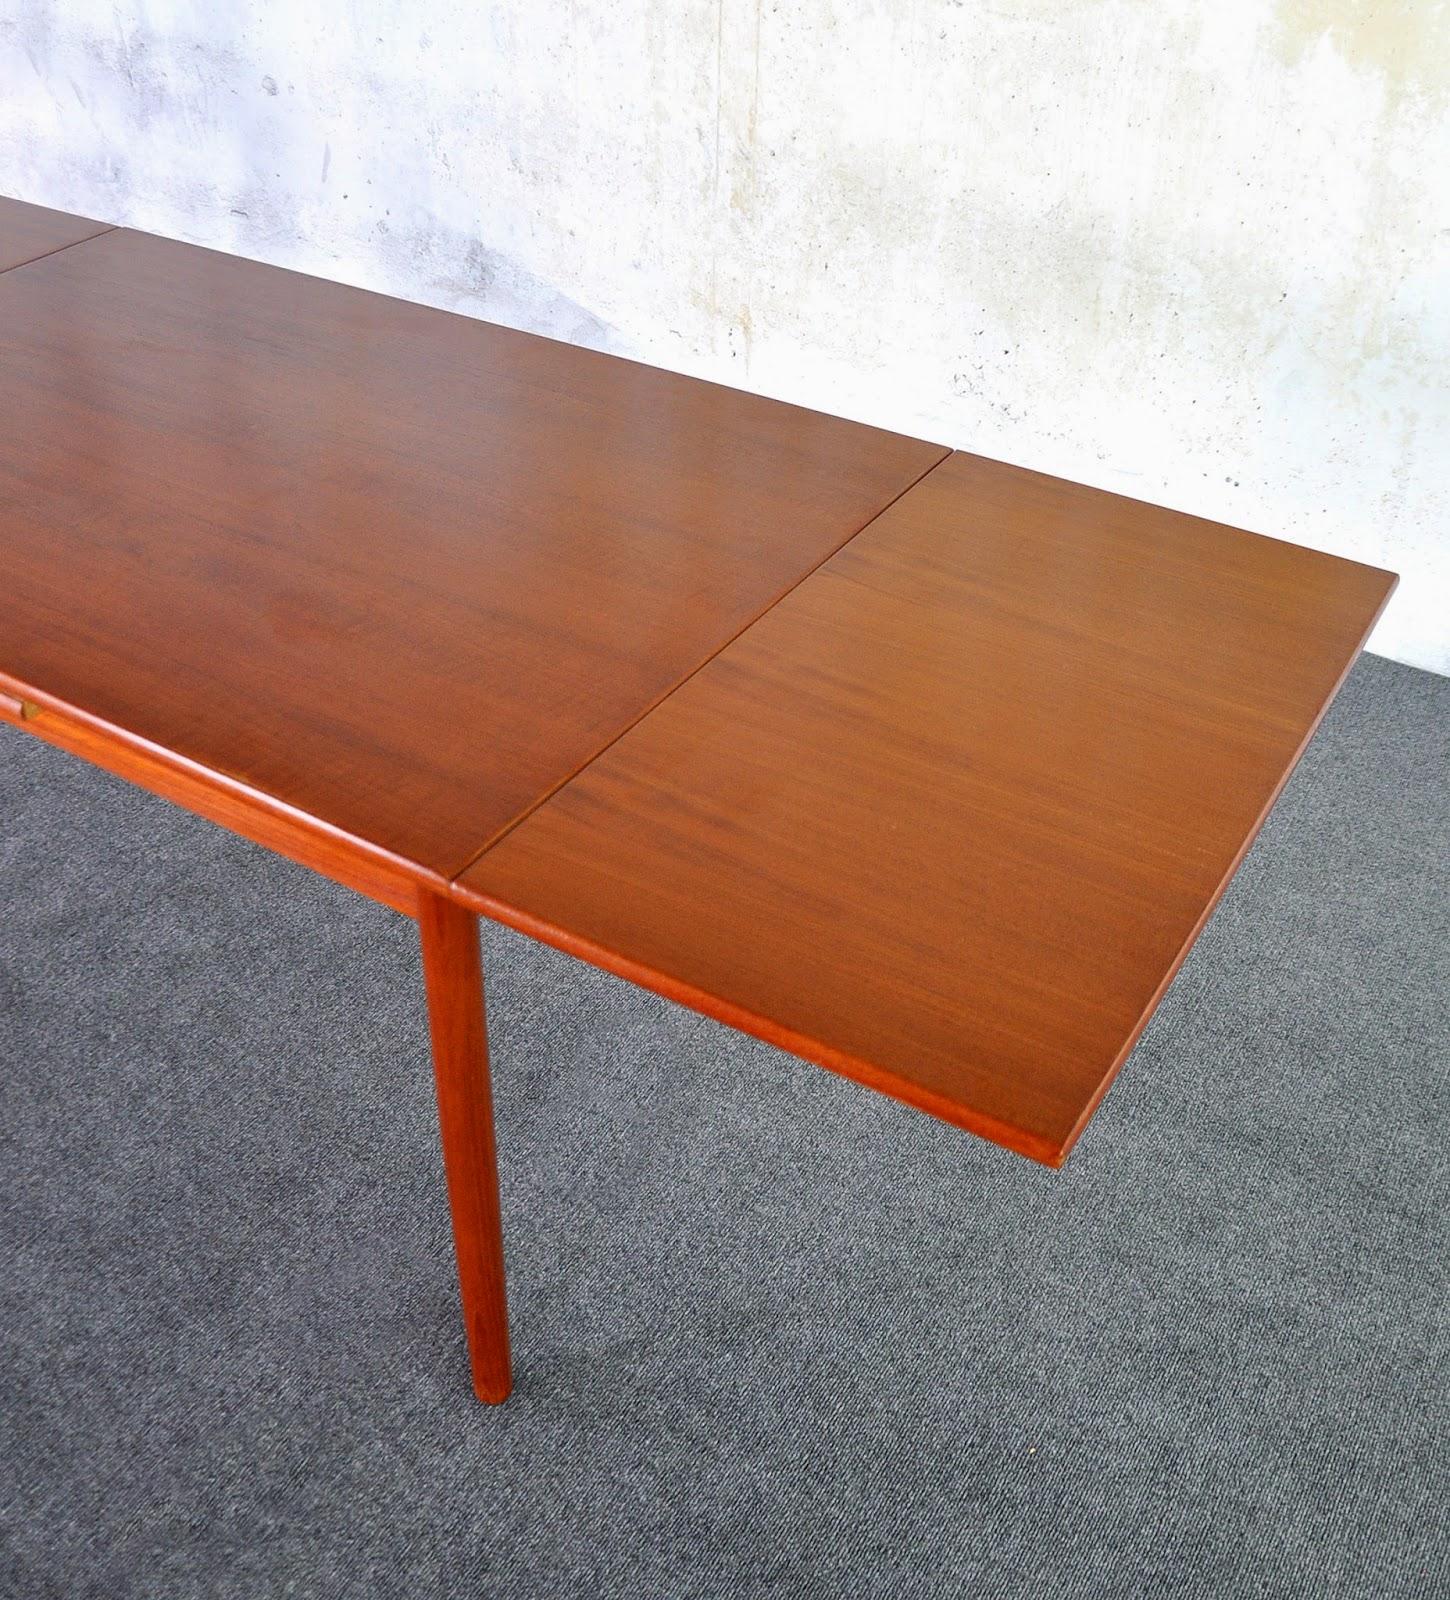 Danish Teak Dining Room Table